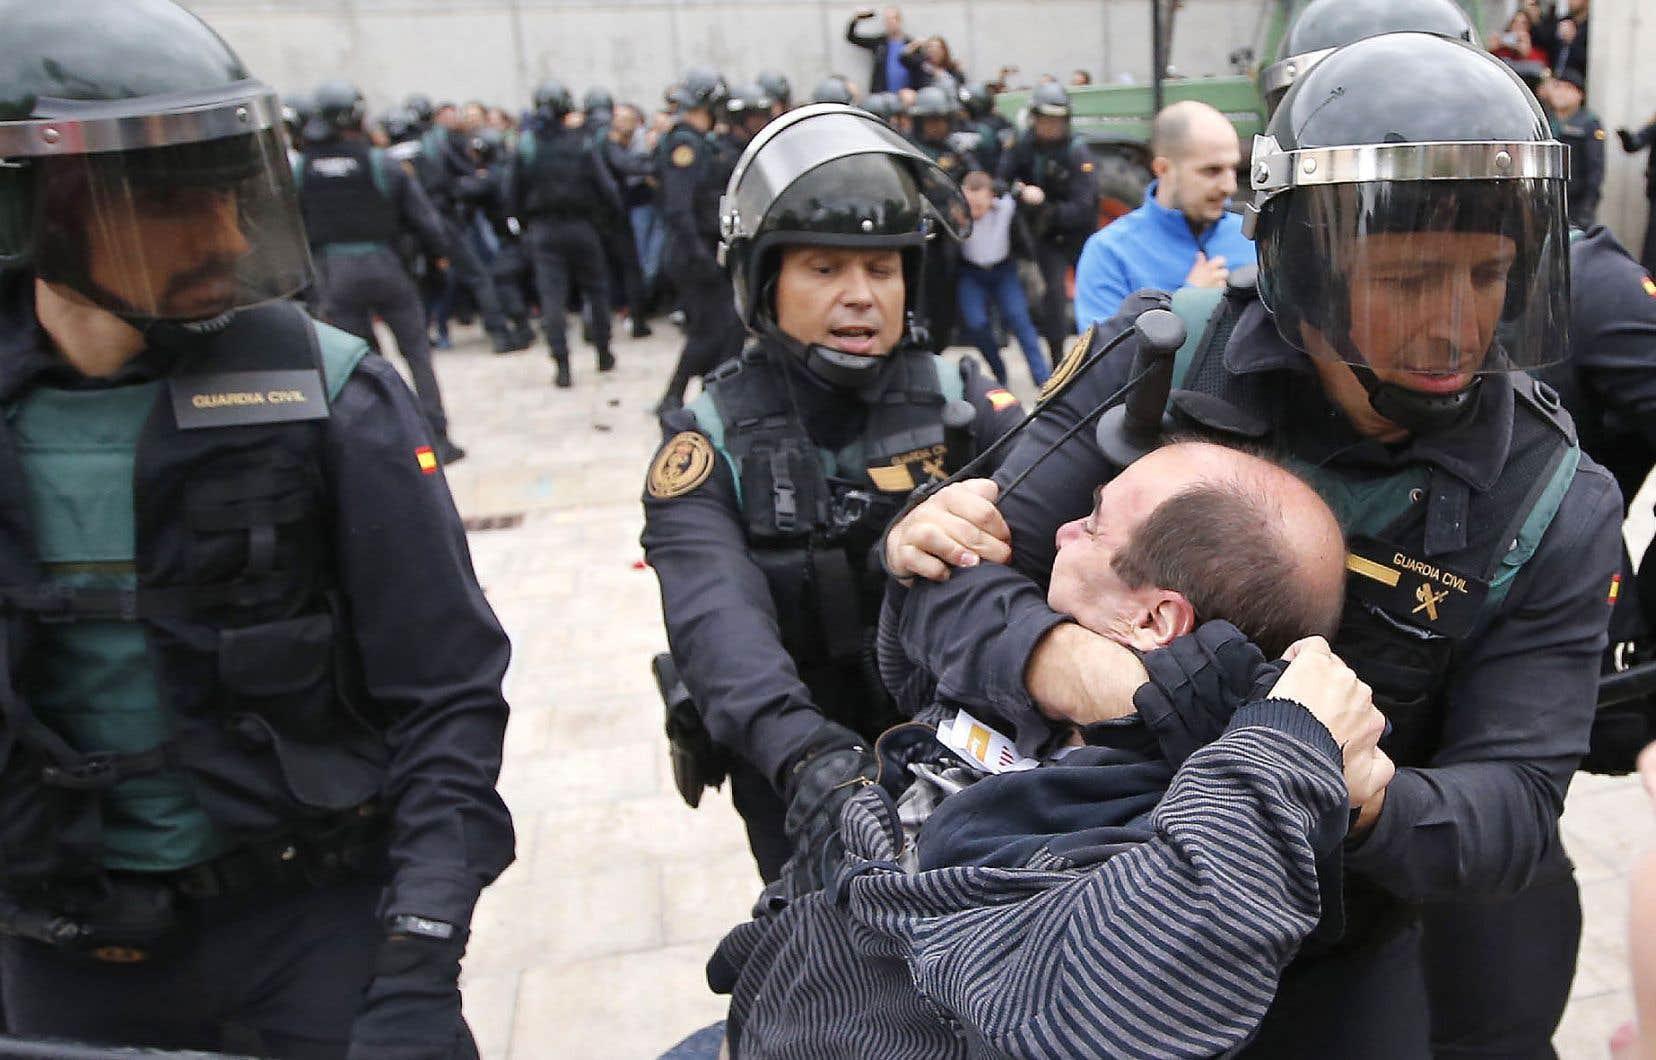 La Garde civile espagnole tire un homme à l'extérieur d'un bureau de vote à Barcelone.